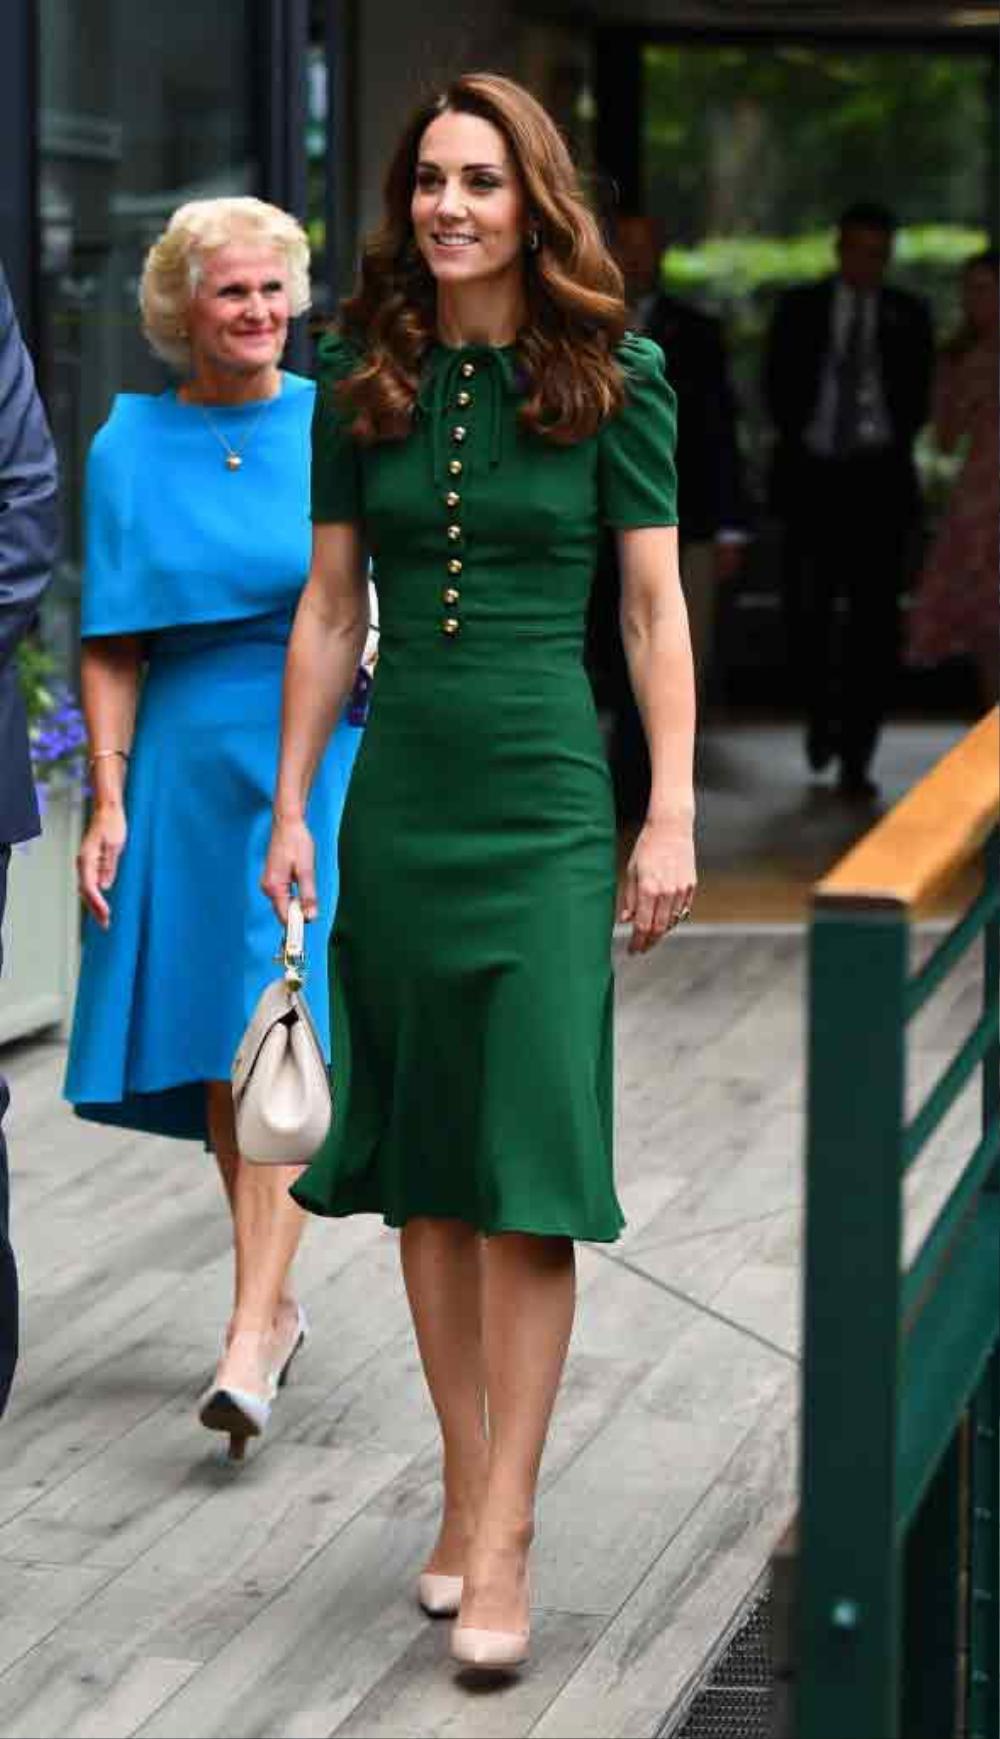 Bí ẩn tủ đồ Hoàng gia: Tại sao Kate Middleton thích mặc màu xanh lá cây? Ảnh 14